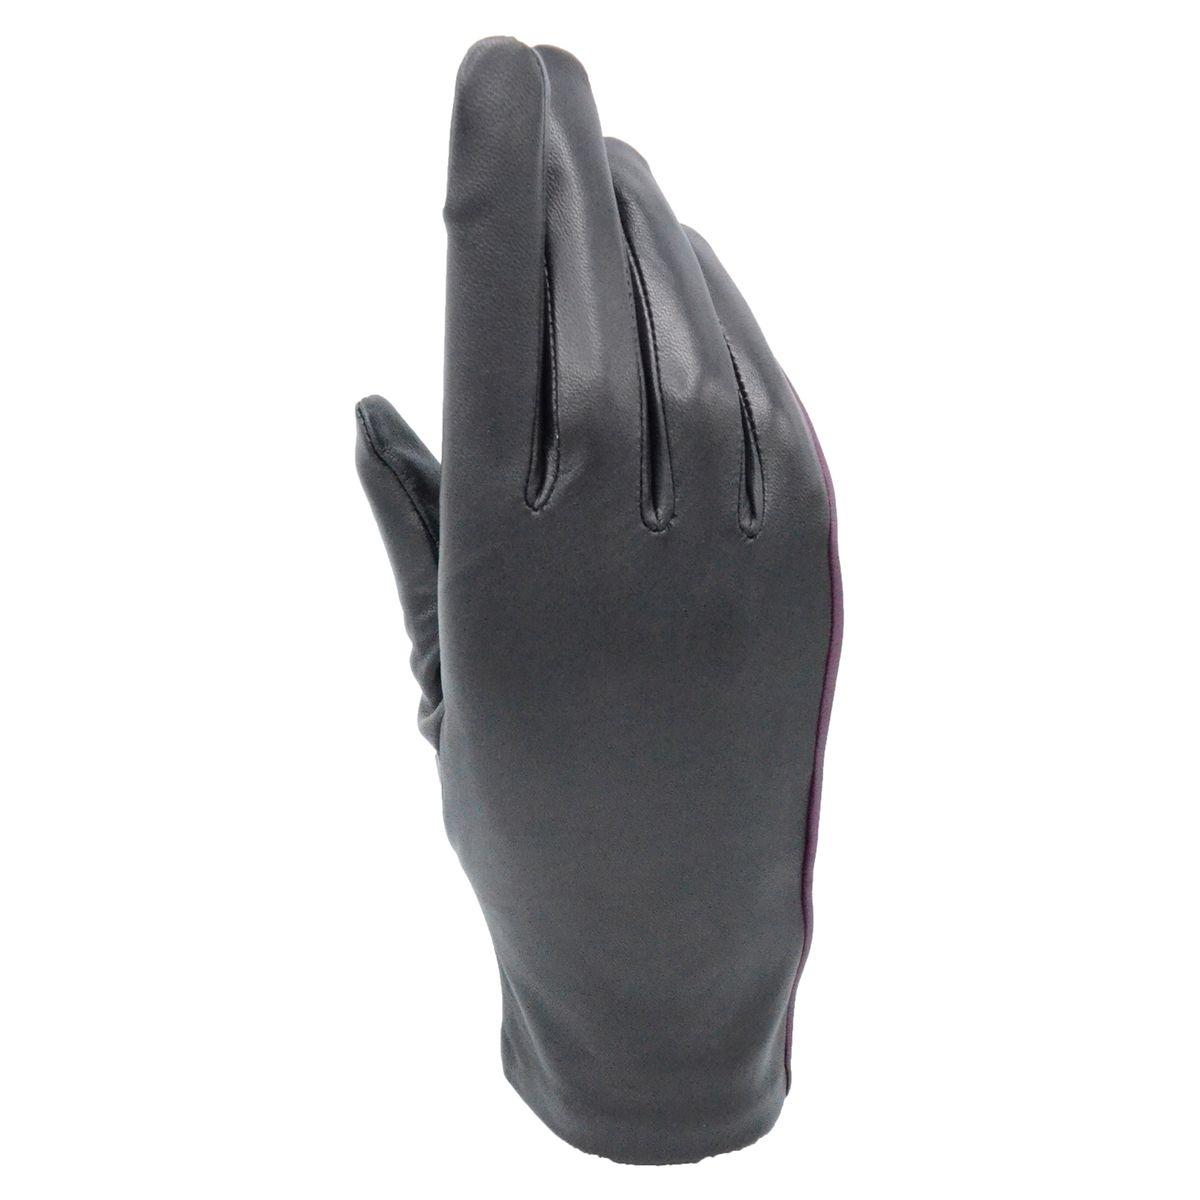 Gants en cuir femme Newkate tactile